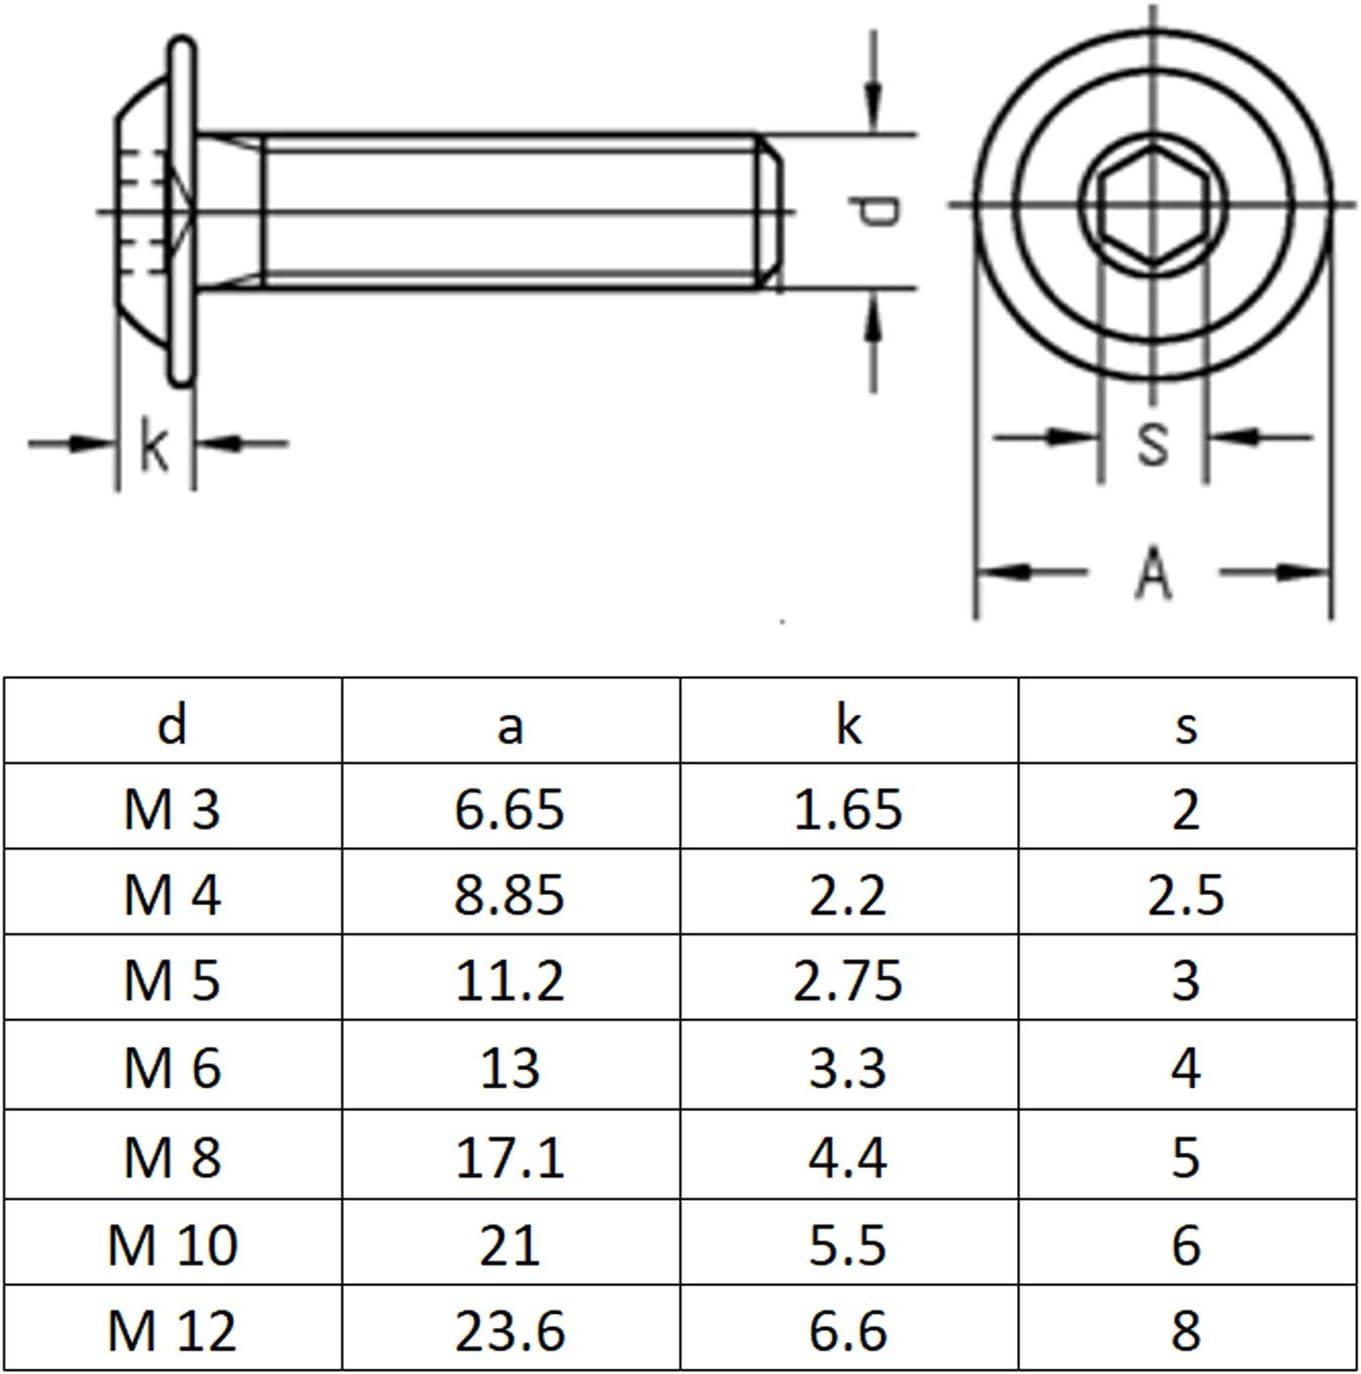 100 St/ück |Innensechskant ISK ISO 7380 Linsenkopfschraube Flansch M3x3 | Vollgewinde Linsenschrauben rostfreier Edelstahl A2 V2A Flachkopfschrauben BiBa-Schrauben